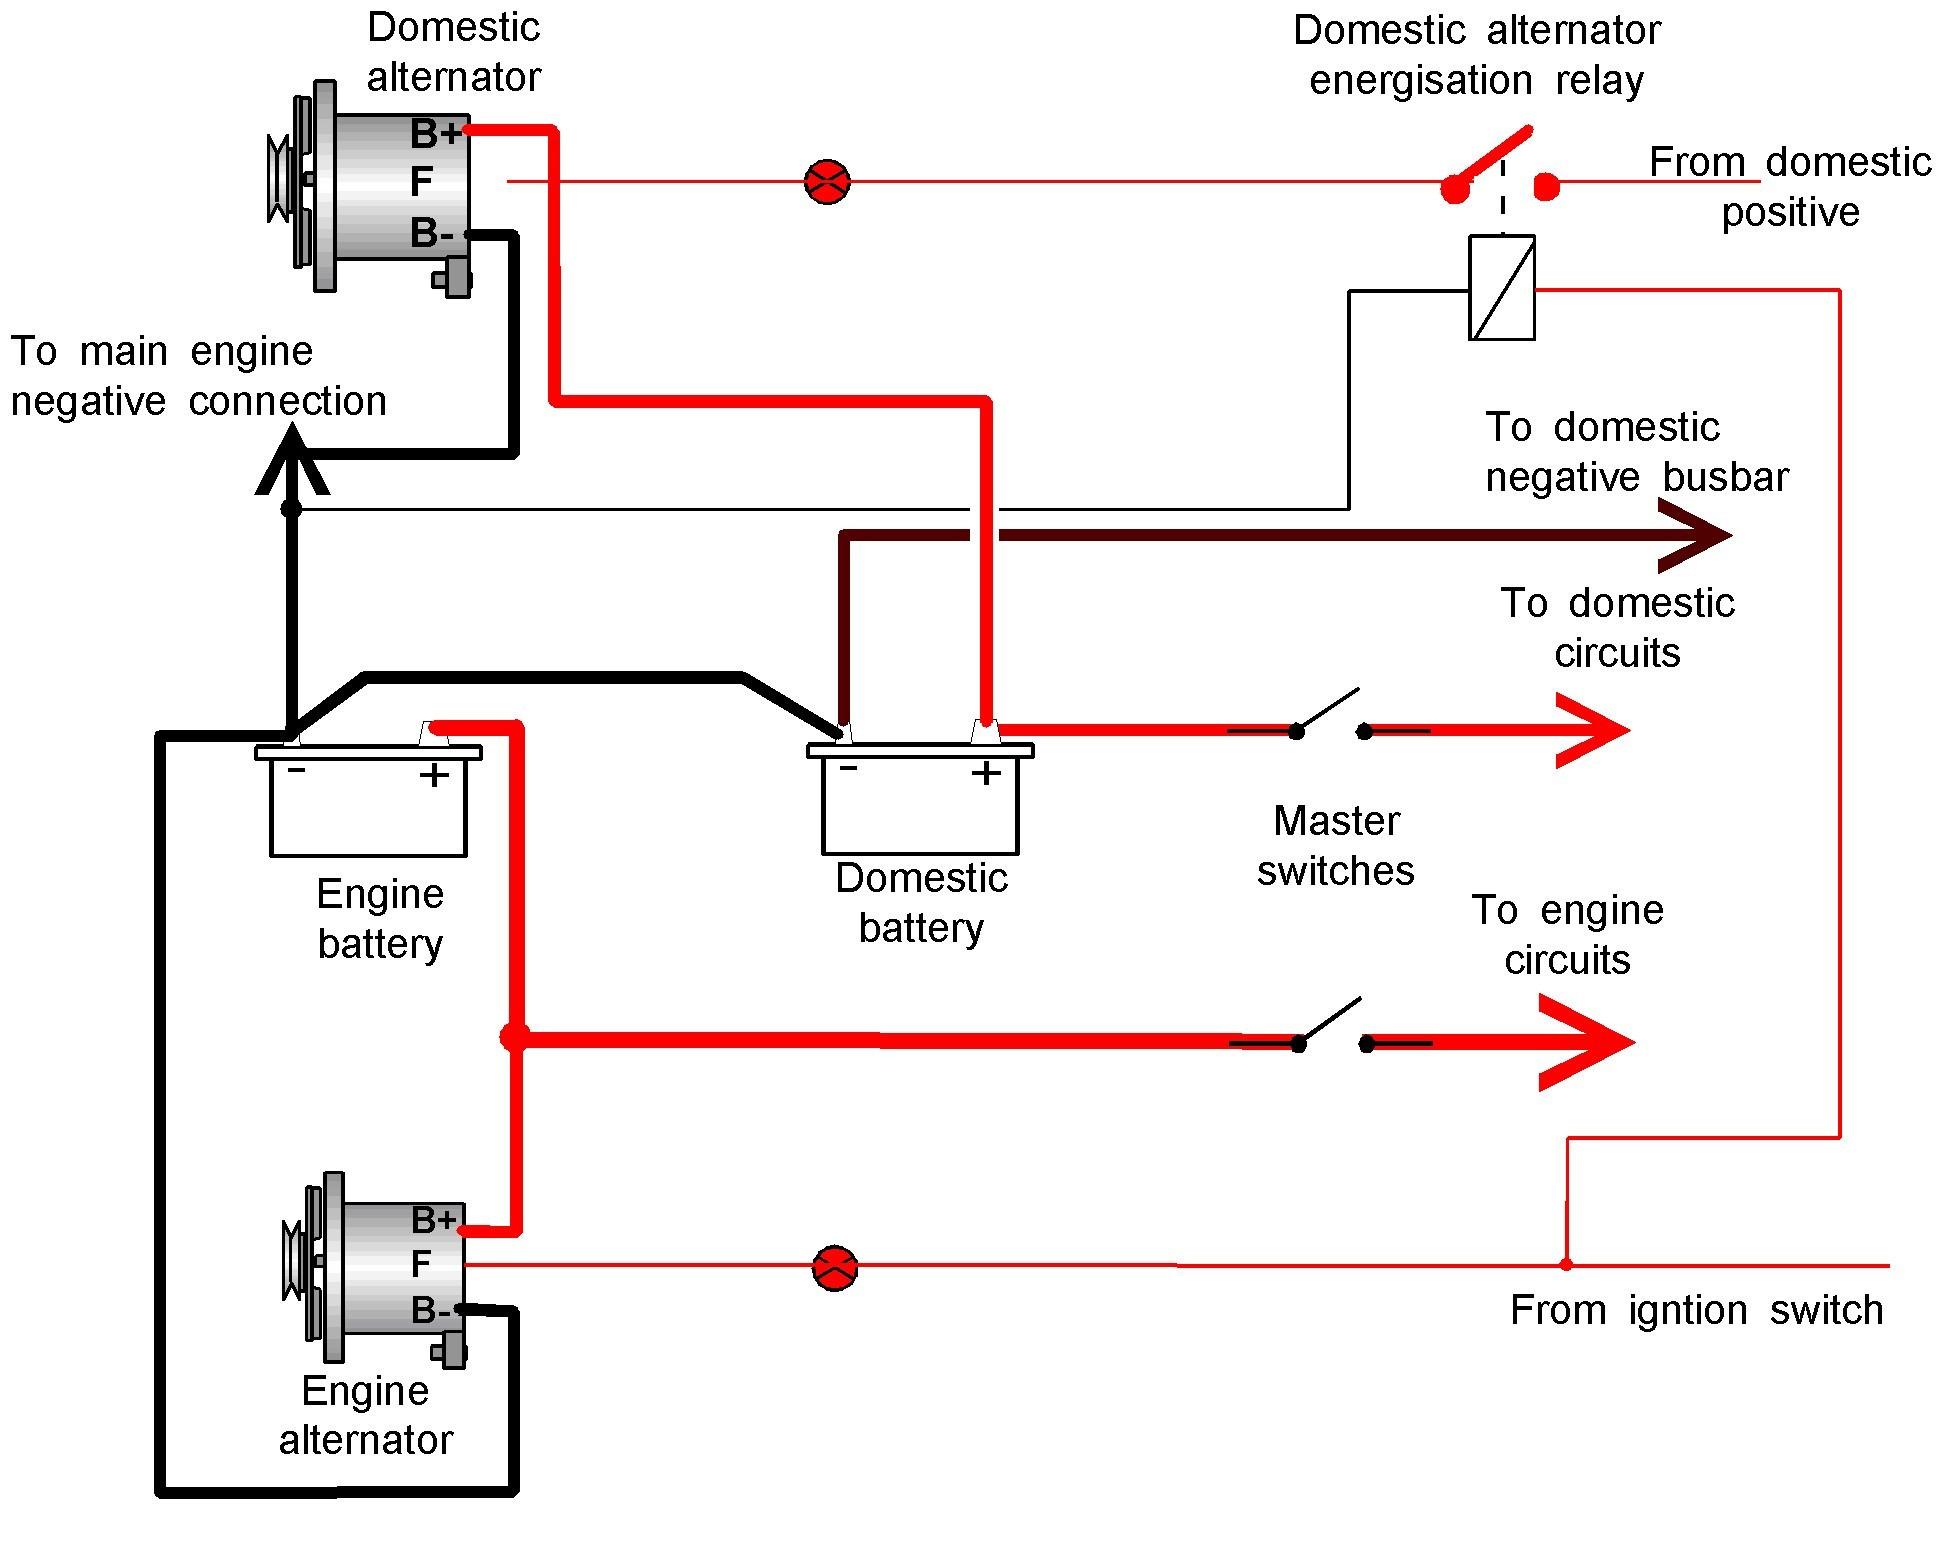 Delco Remy 4 Wire Alternator Wiring Diagram List Of Schematic Toro Timecutter Under Seat Wires Image Rh Mainetreasurechest Com